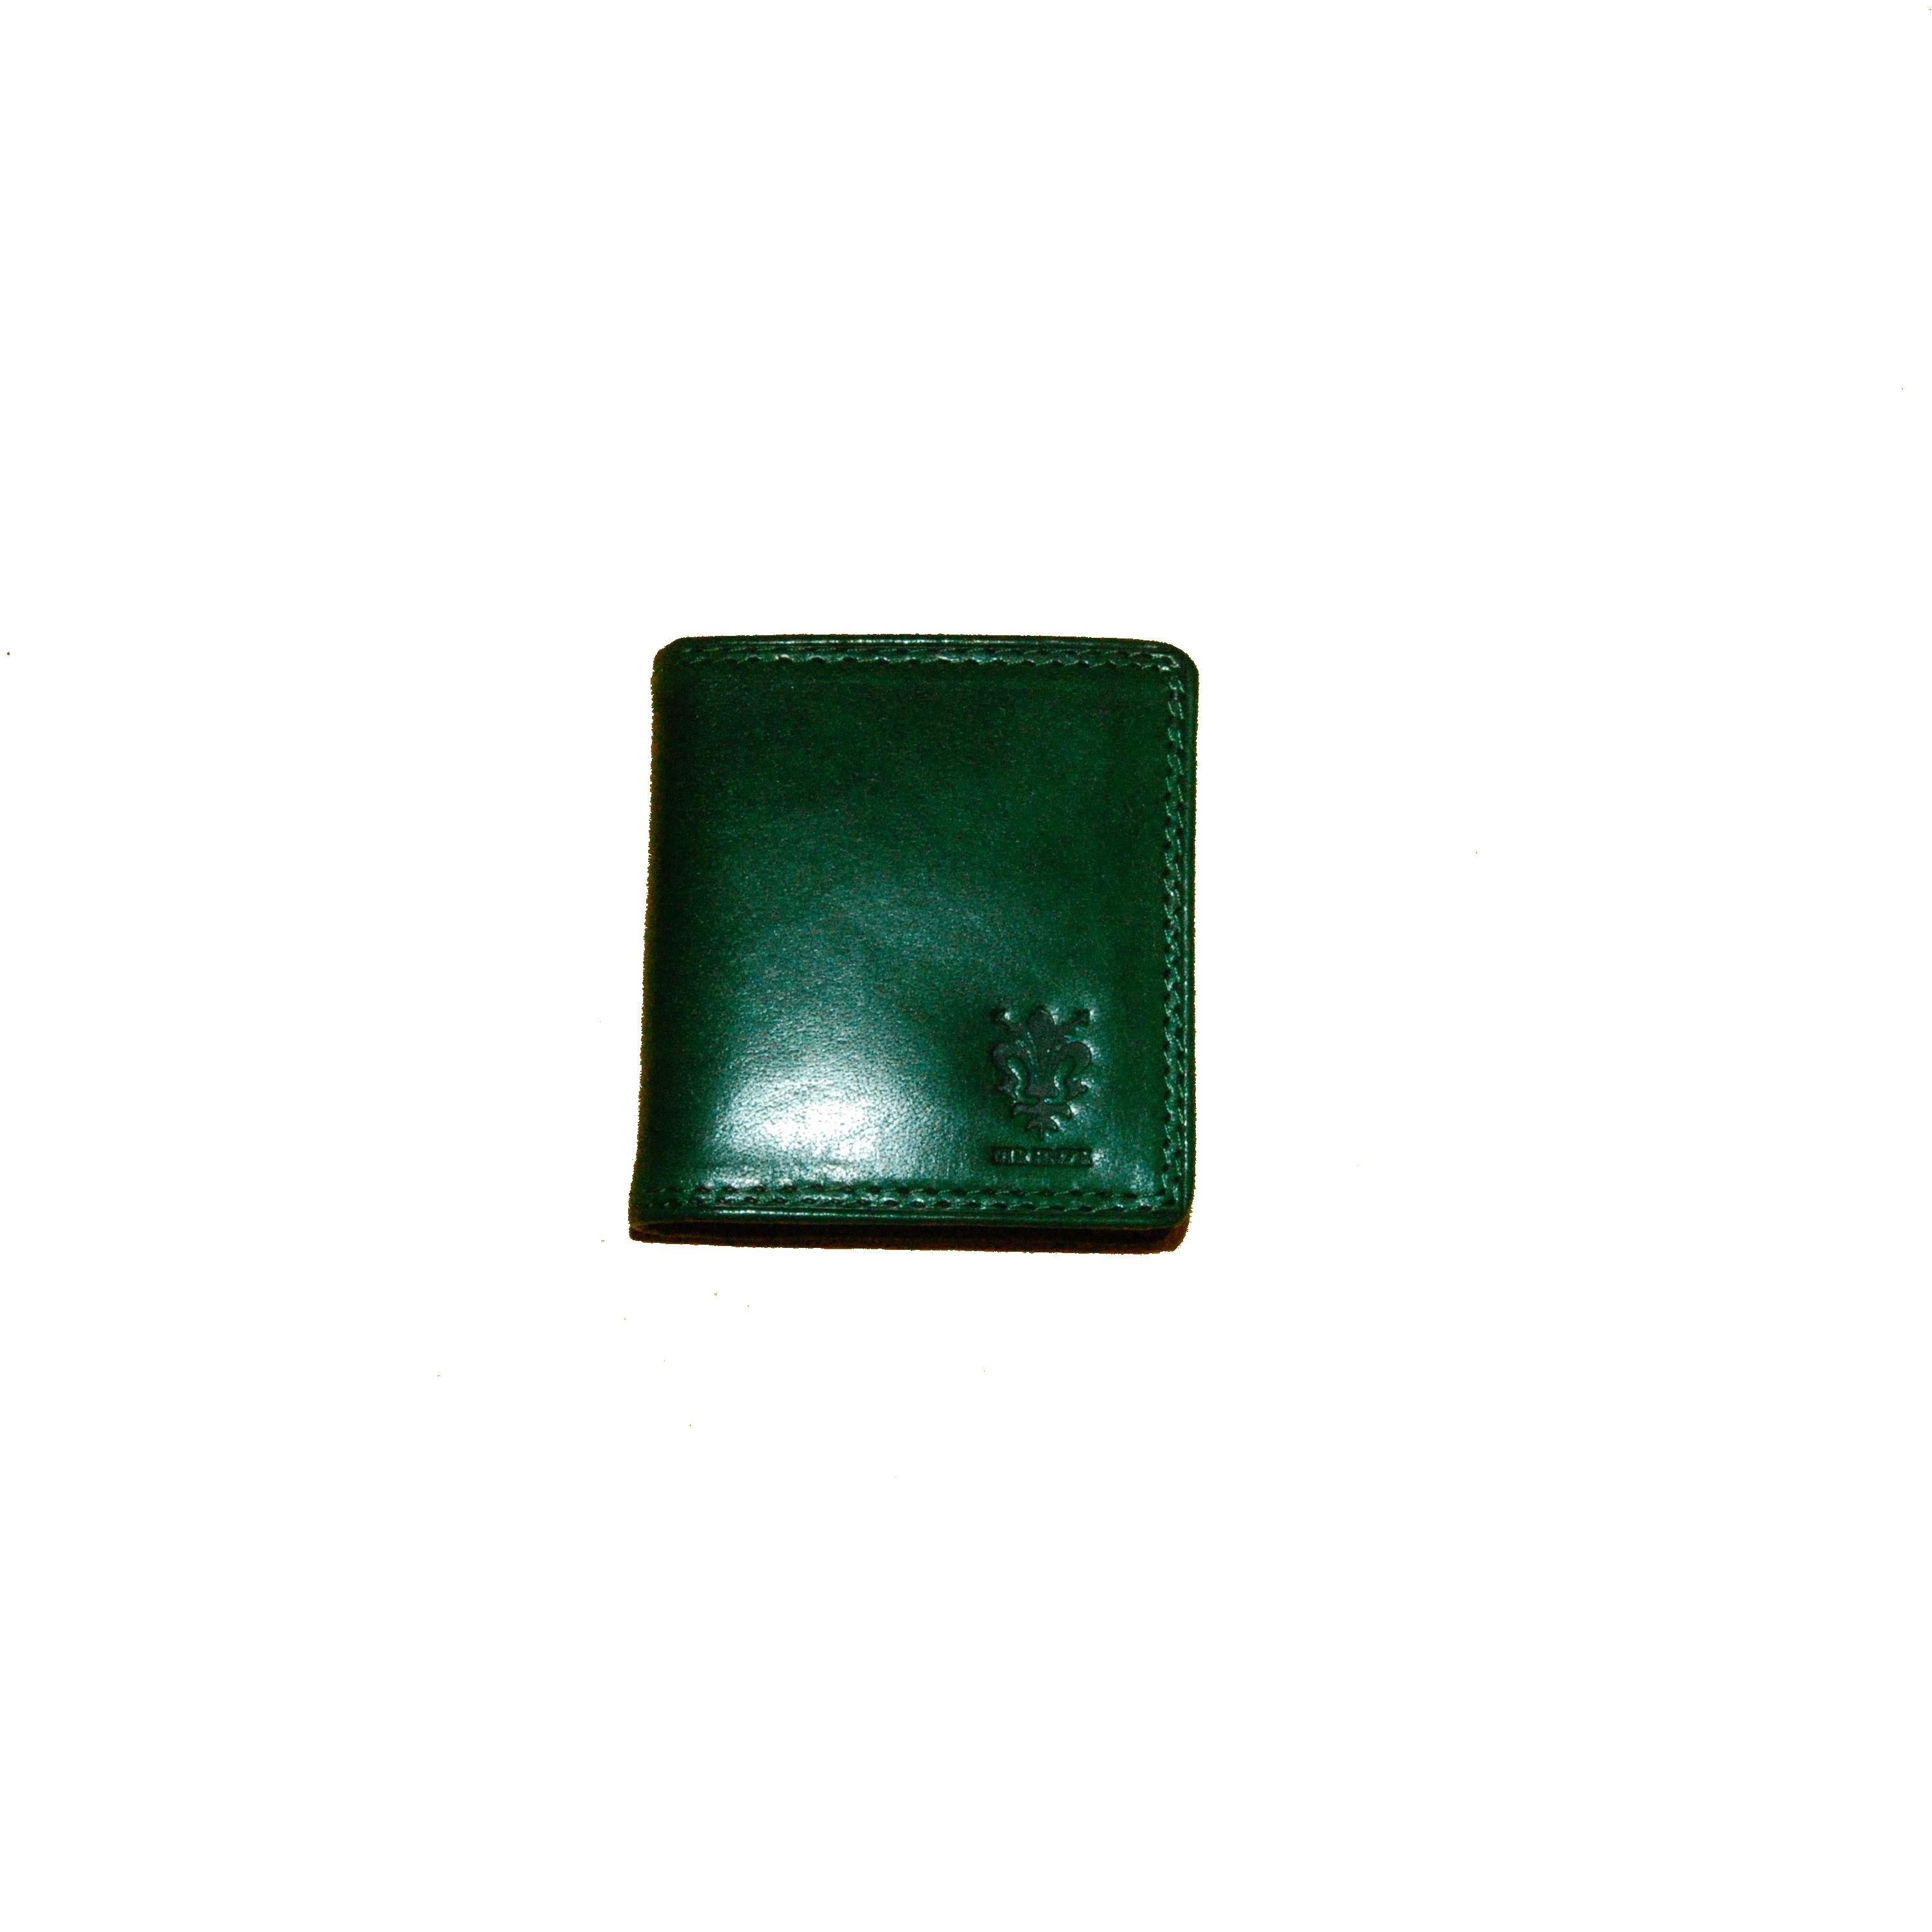 Verde52